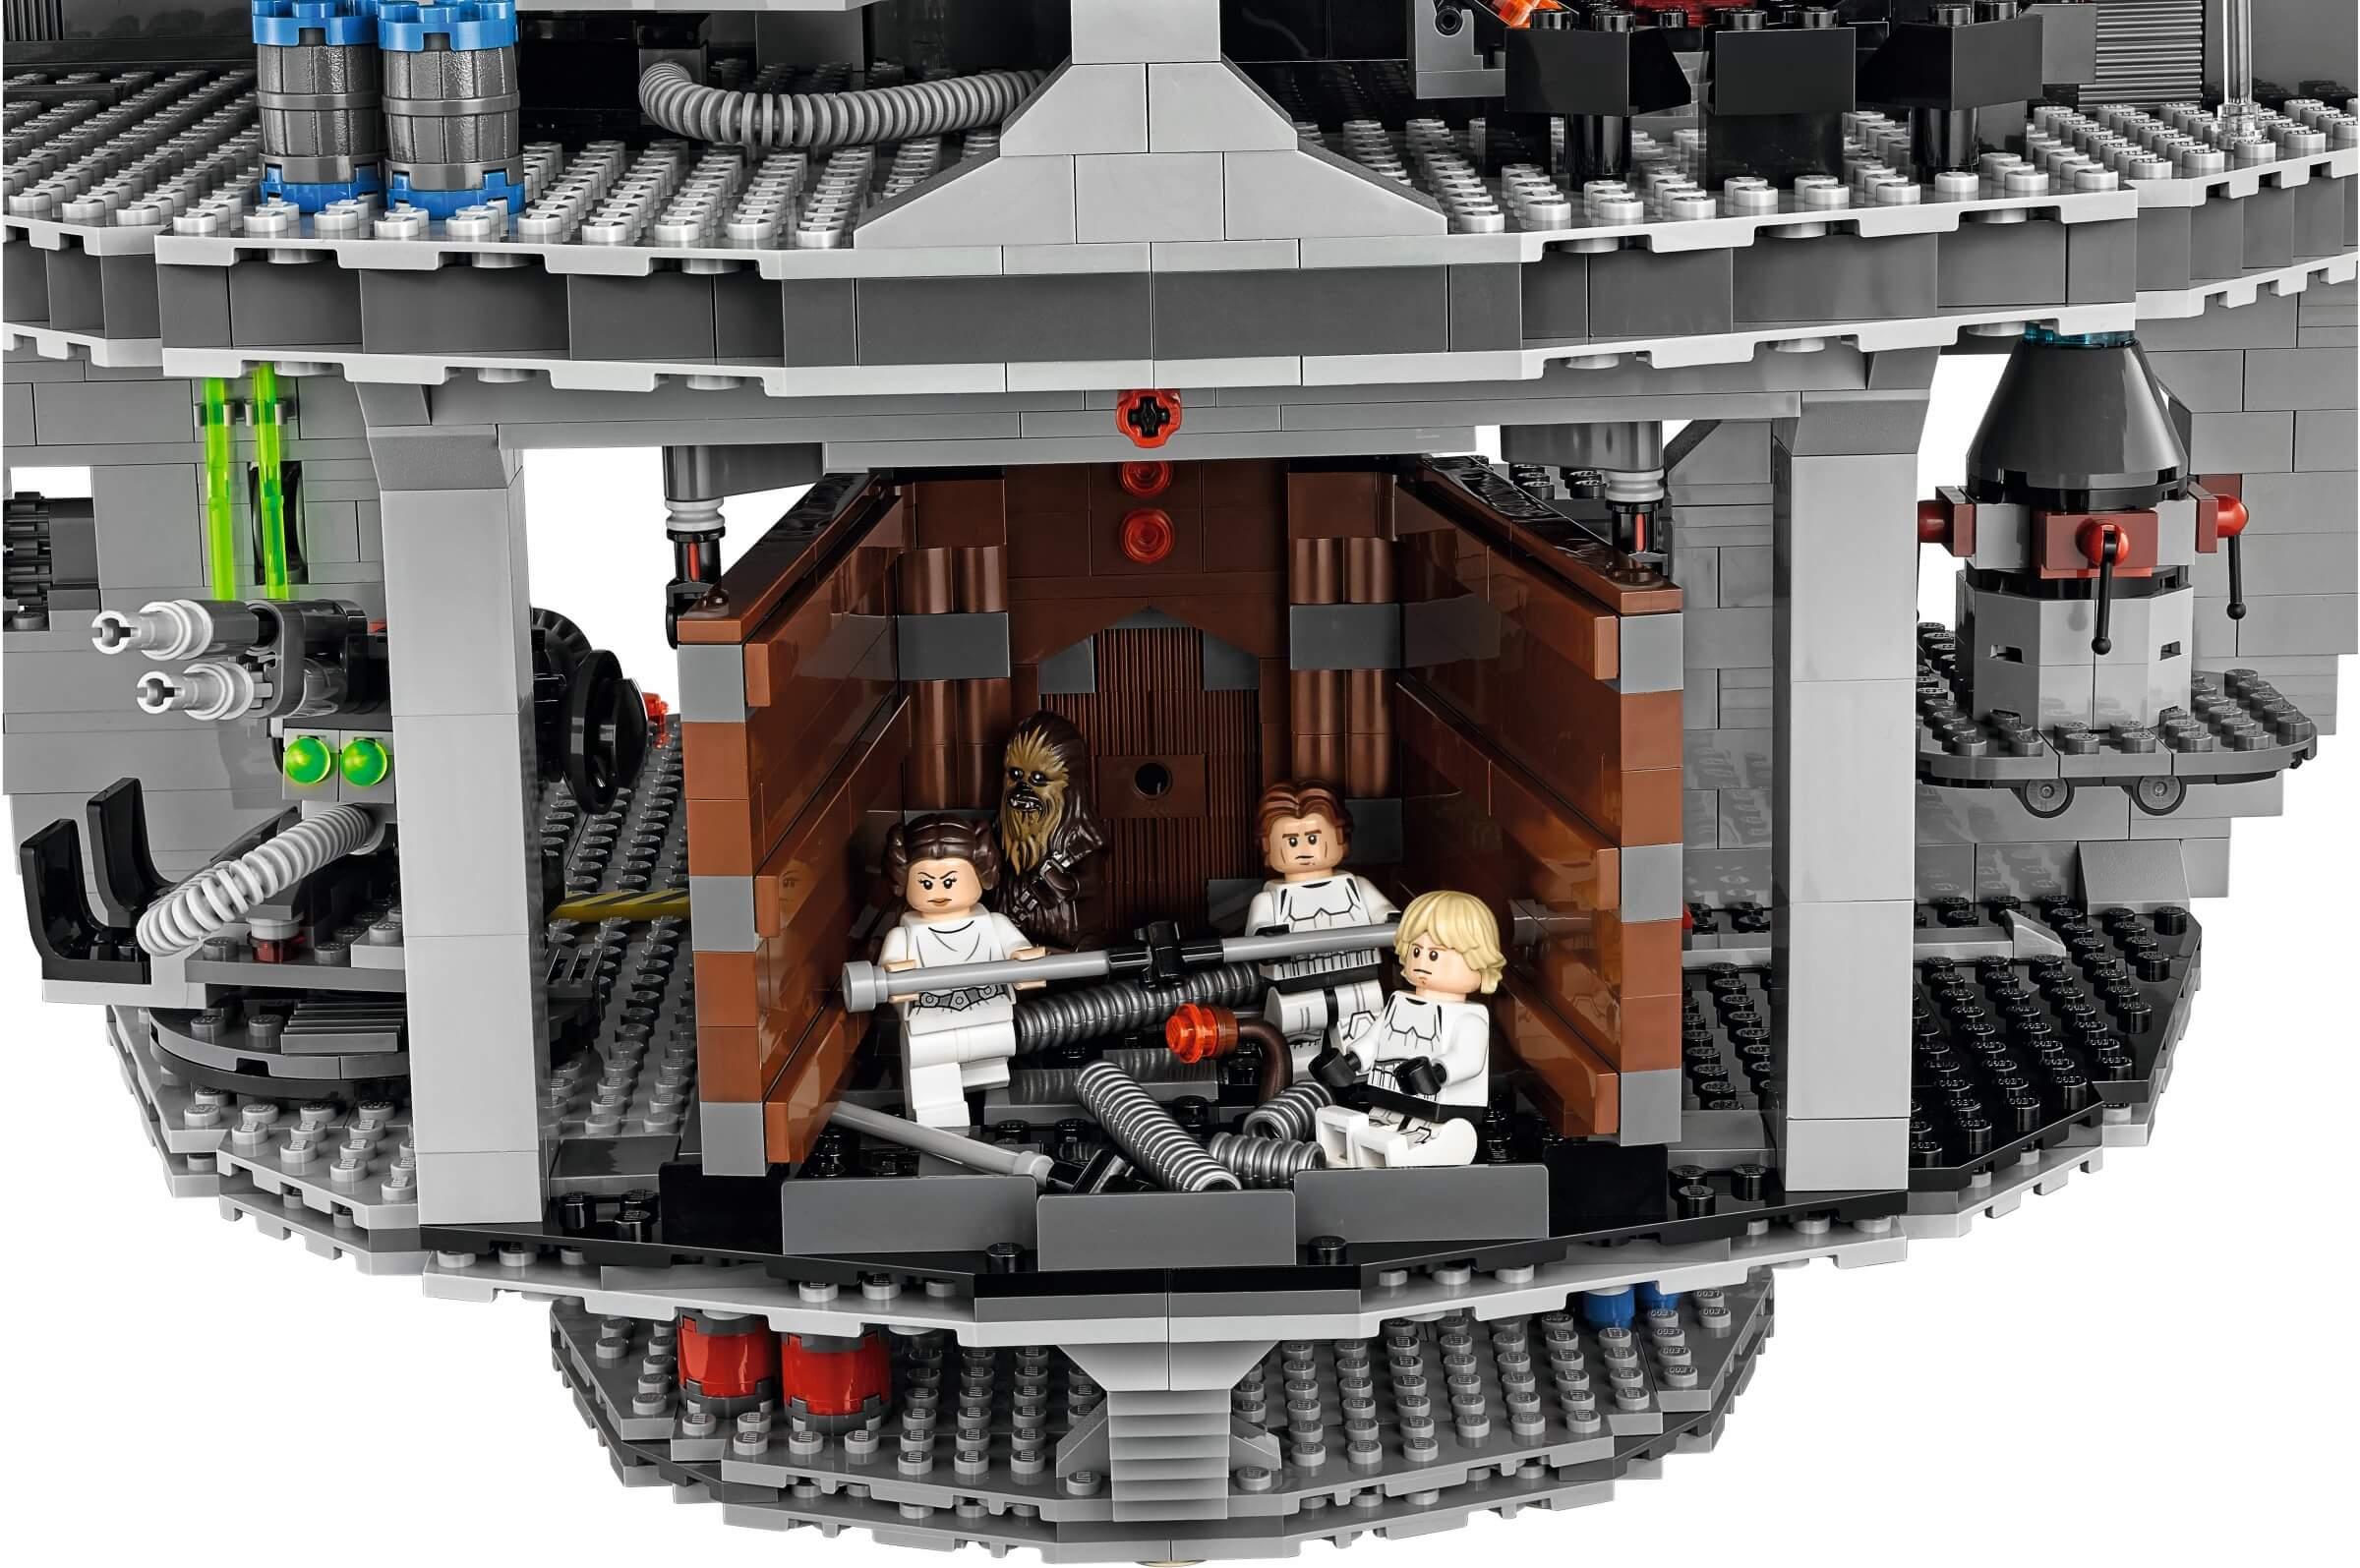 Mua đồ chơi LEGO 75159 - LEGO Star Wars 75159 - Death Star 2016 (LEGO Star Wars UCS Death Star 75159) - 4016 mảnh ghép